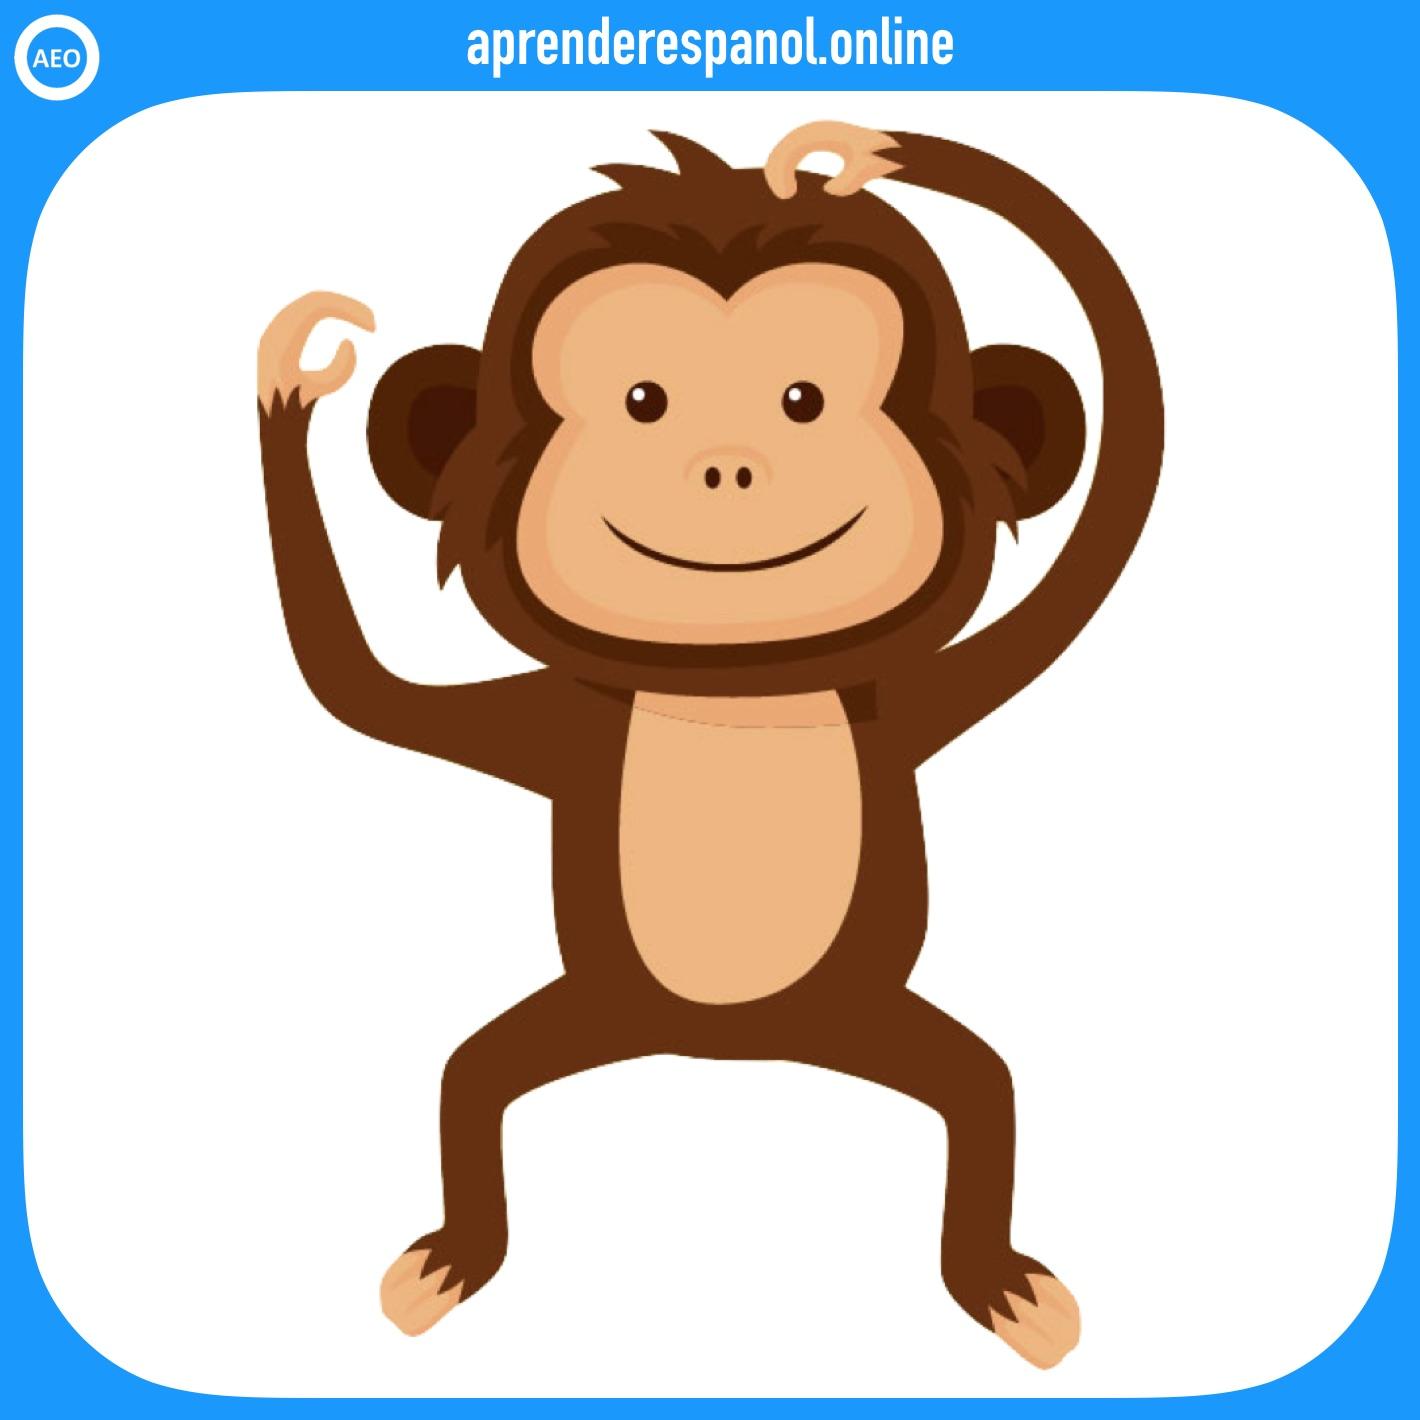 mono | animales en español | vocabulario de los animales en español